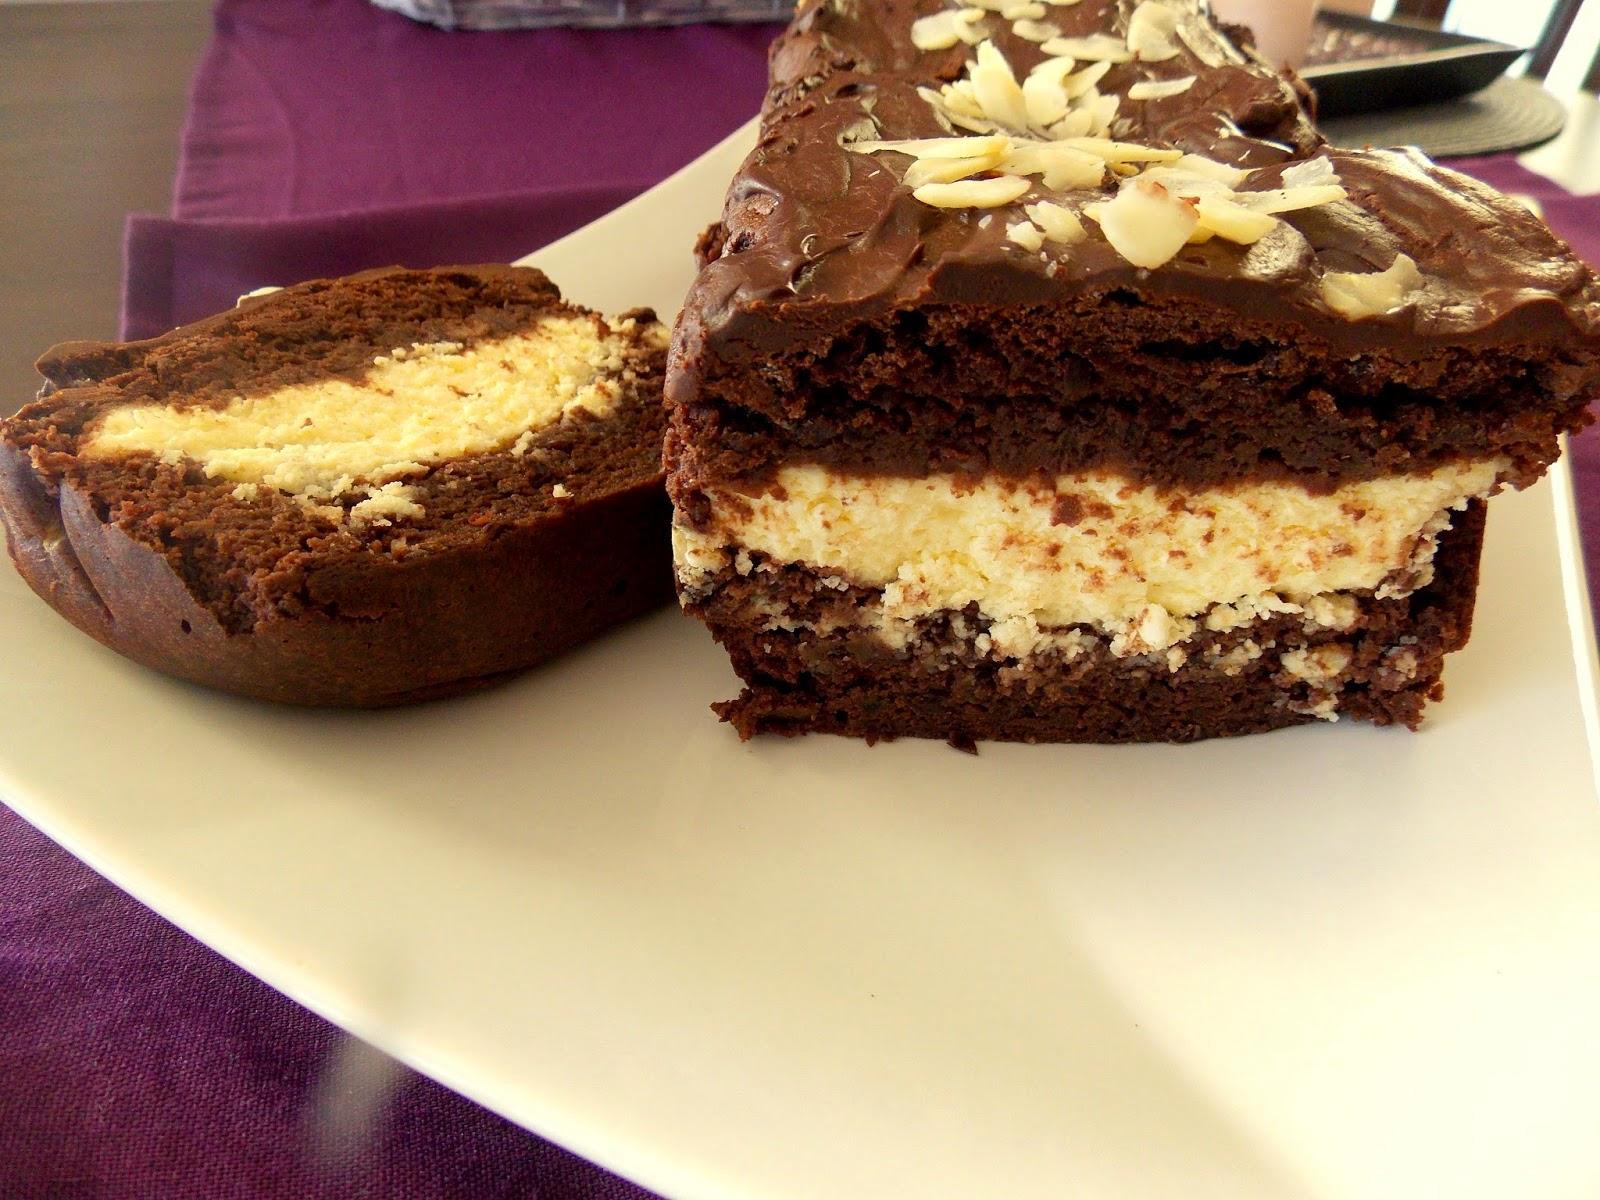 Ciasto Dietetyczne Z Twarogu W Formie Silikonu Betlearnbilbi Ml